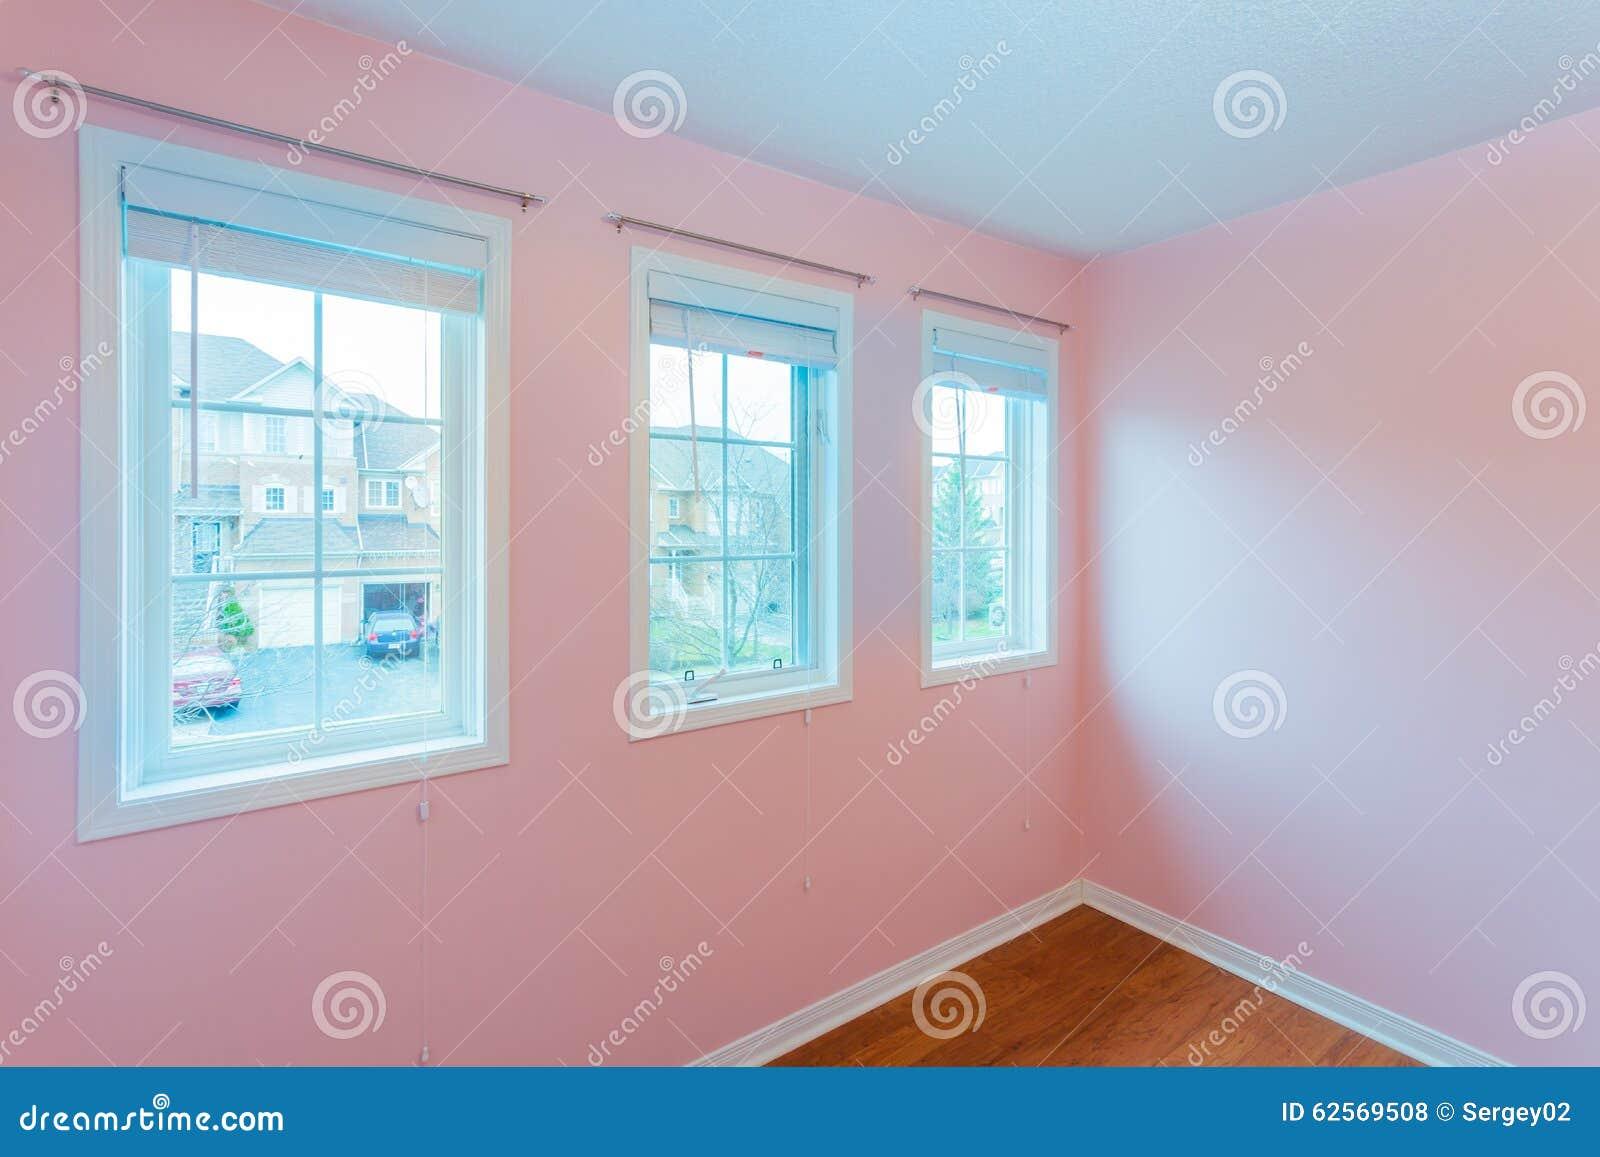 Camera Da Letto Color Rosa : Camera da letto vuota nel colore rosa fotografia stock immagine